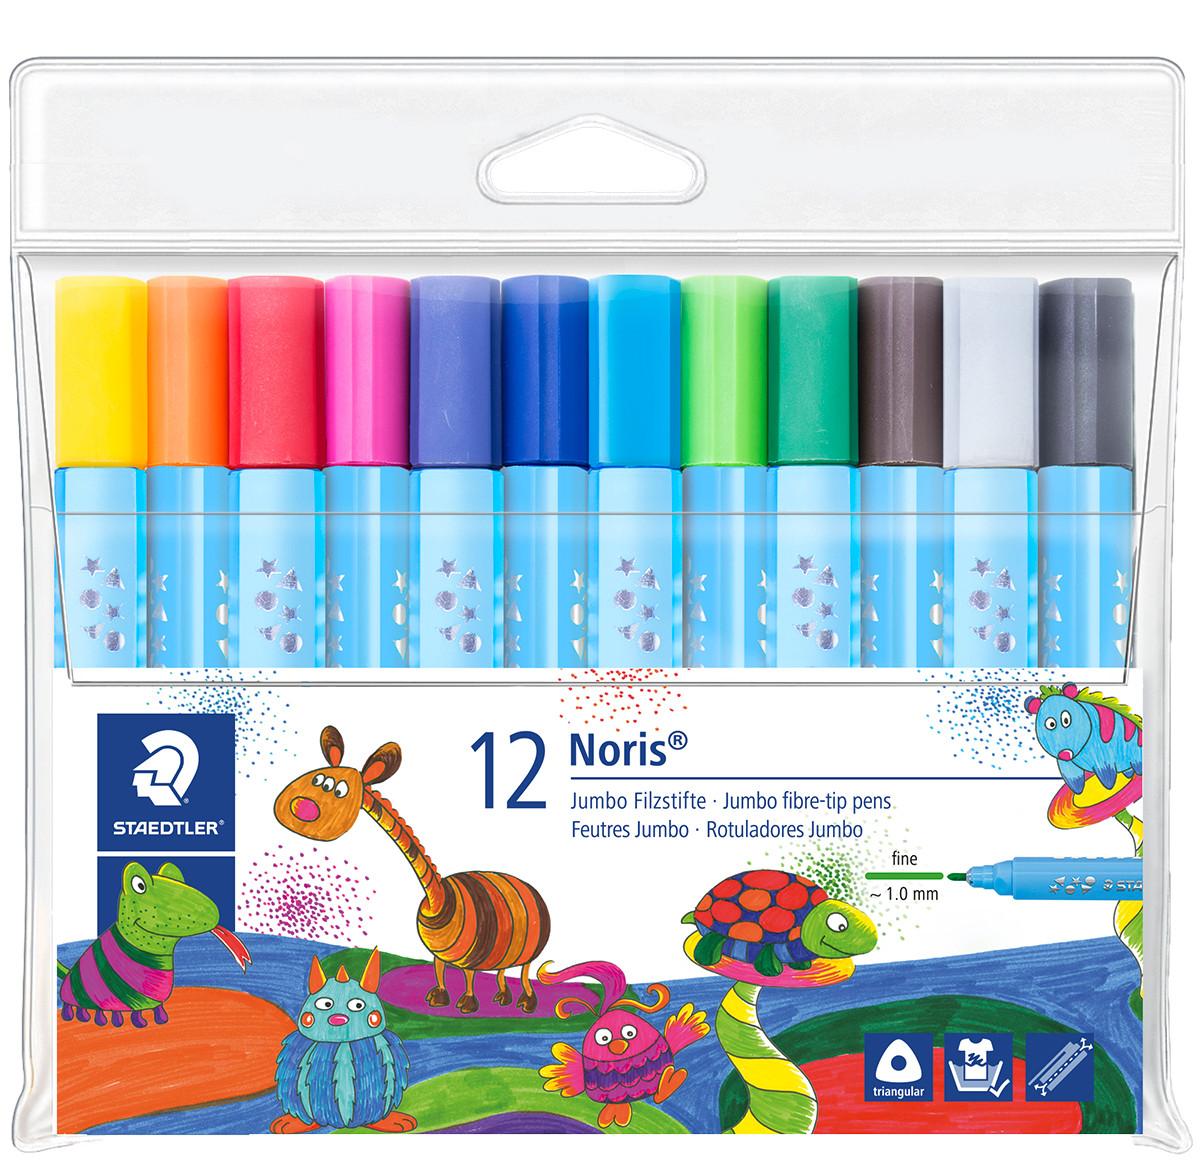 Staedtler Noris Triangular Jumbo Fibre Tip Pen - Fine  - Assorted Colours (Wallet of 12)